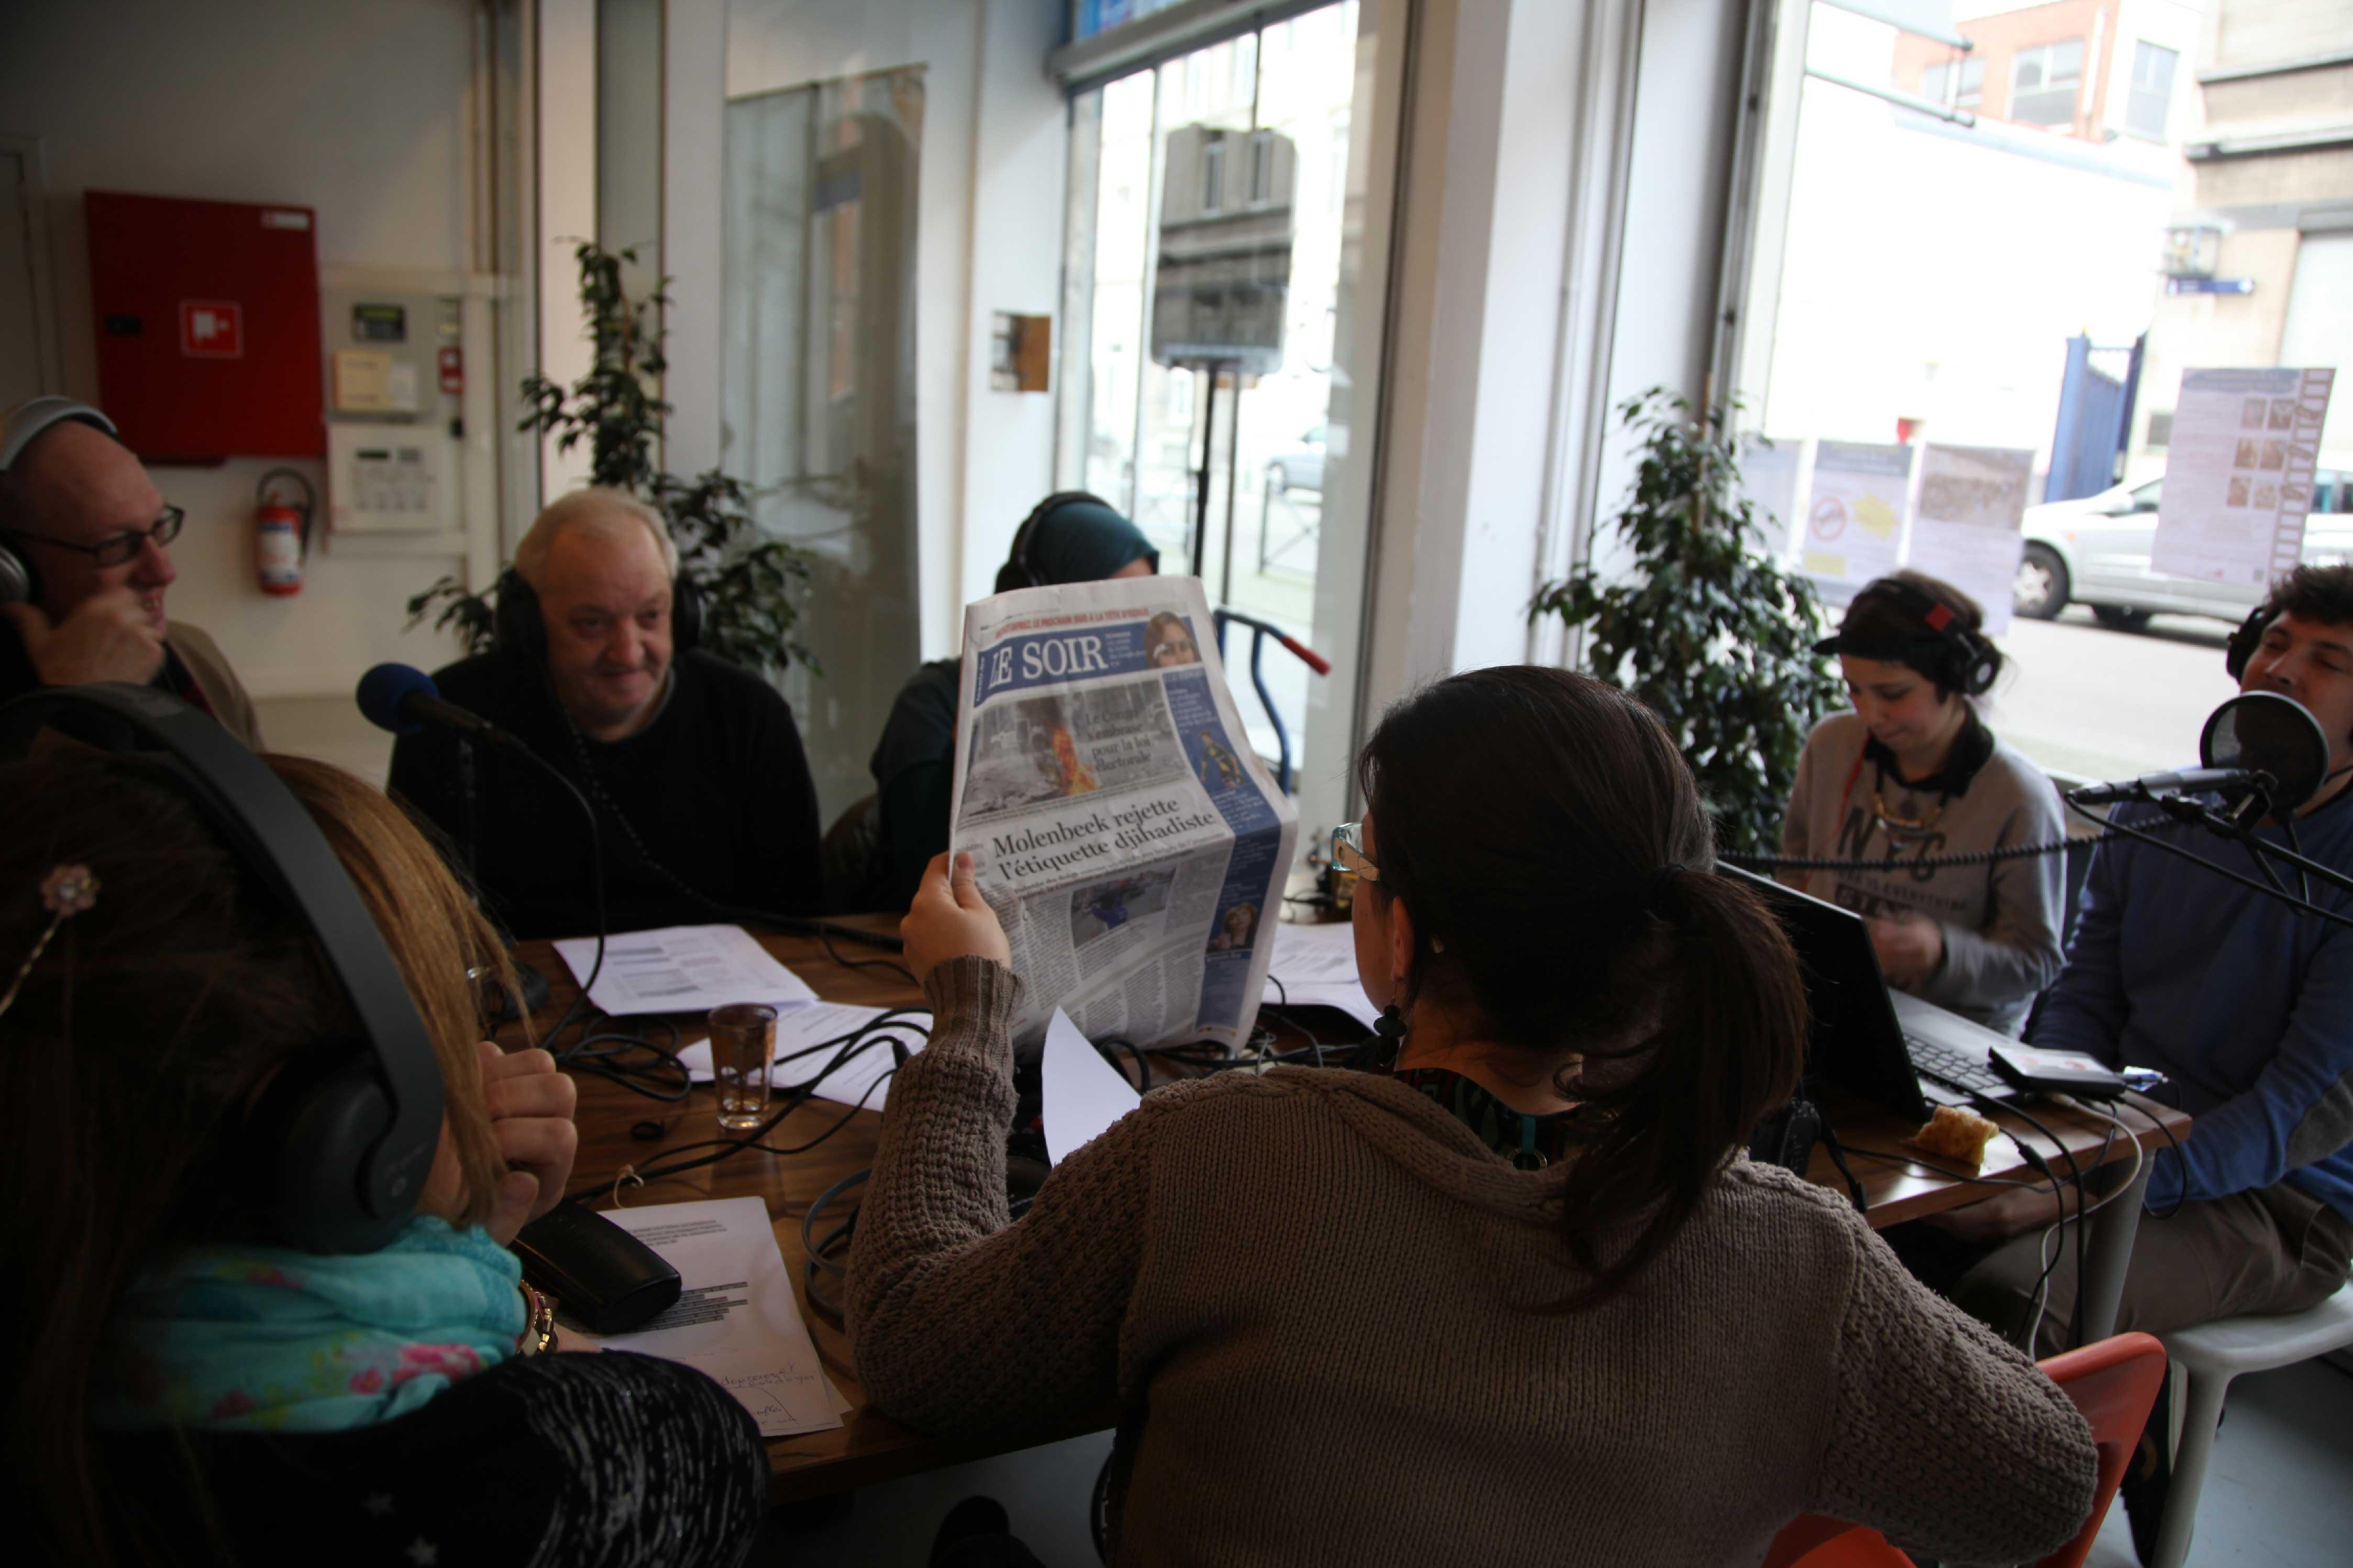 Le 17 novembre, les membres de Radio Maritime consacraient leur émission au ressenti des Molenbeekois par rapport aux attentats de Paris.